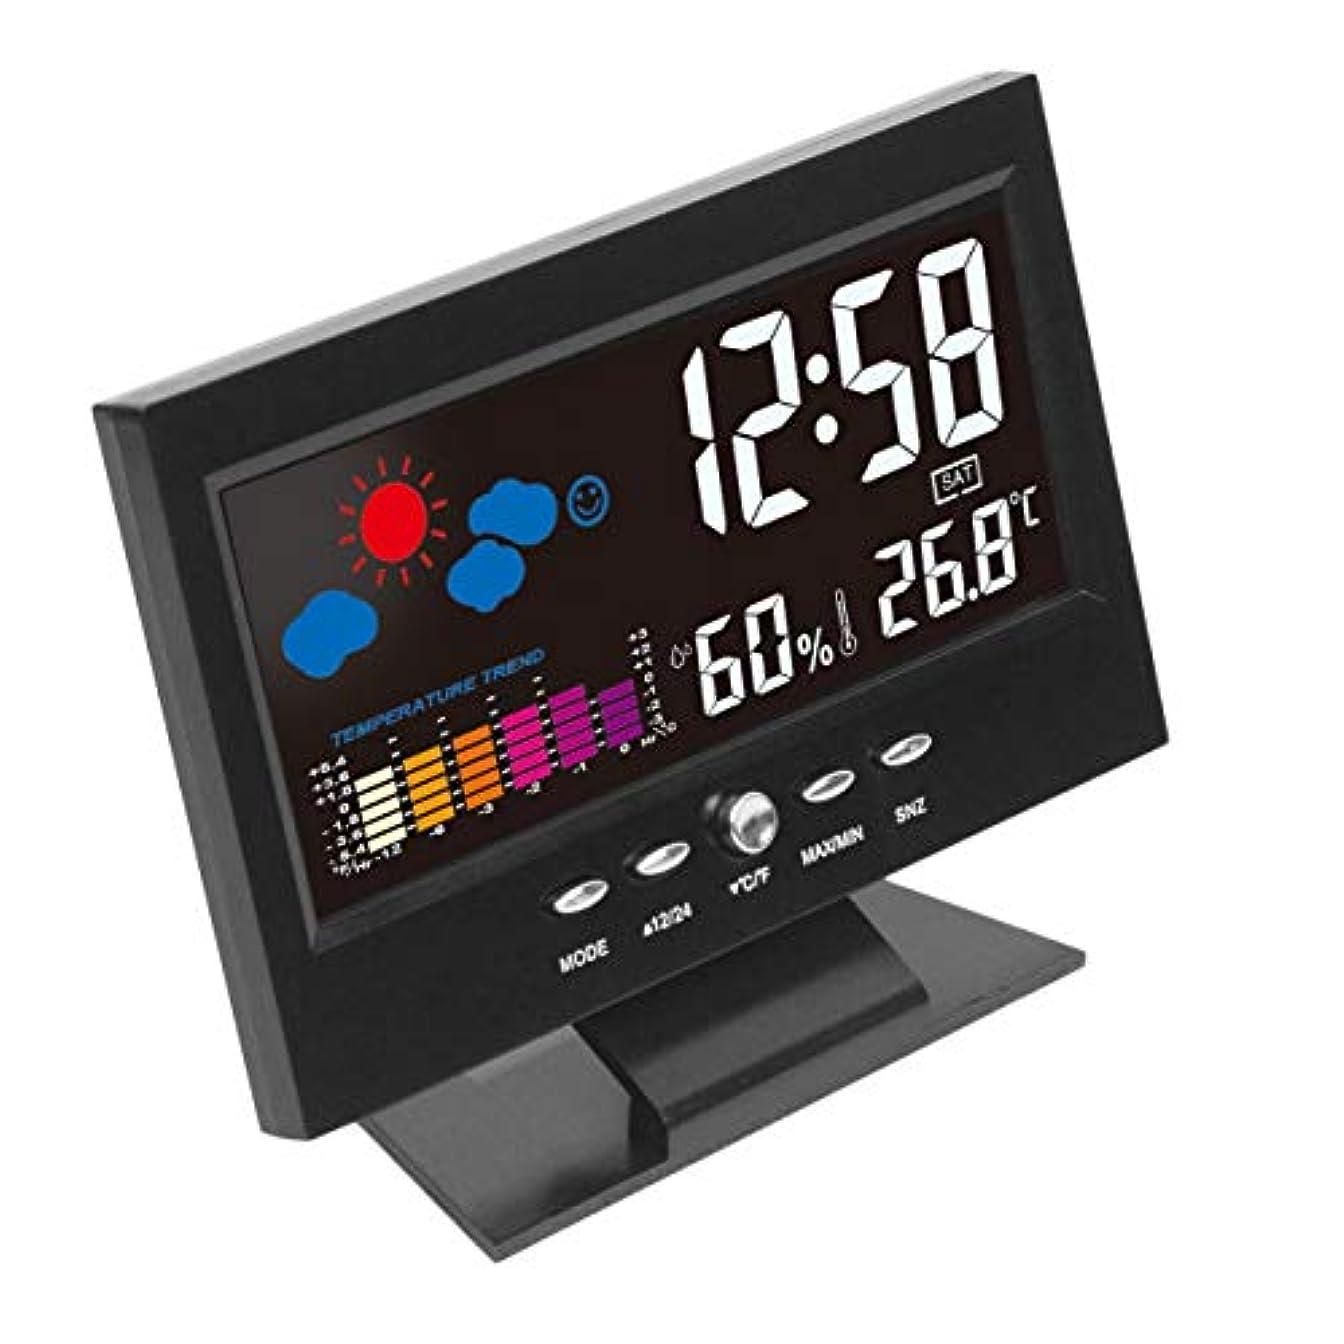 導出実質的に旅Saikogoods 電子デジタルLCD 温度湿度モニター時計 温度計湿度計 屋内ホーム 天気予報時??計 ブラック